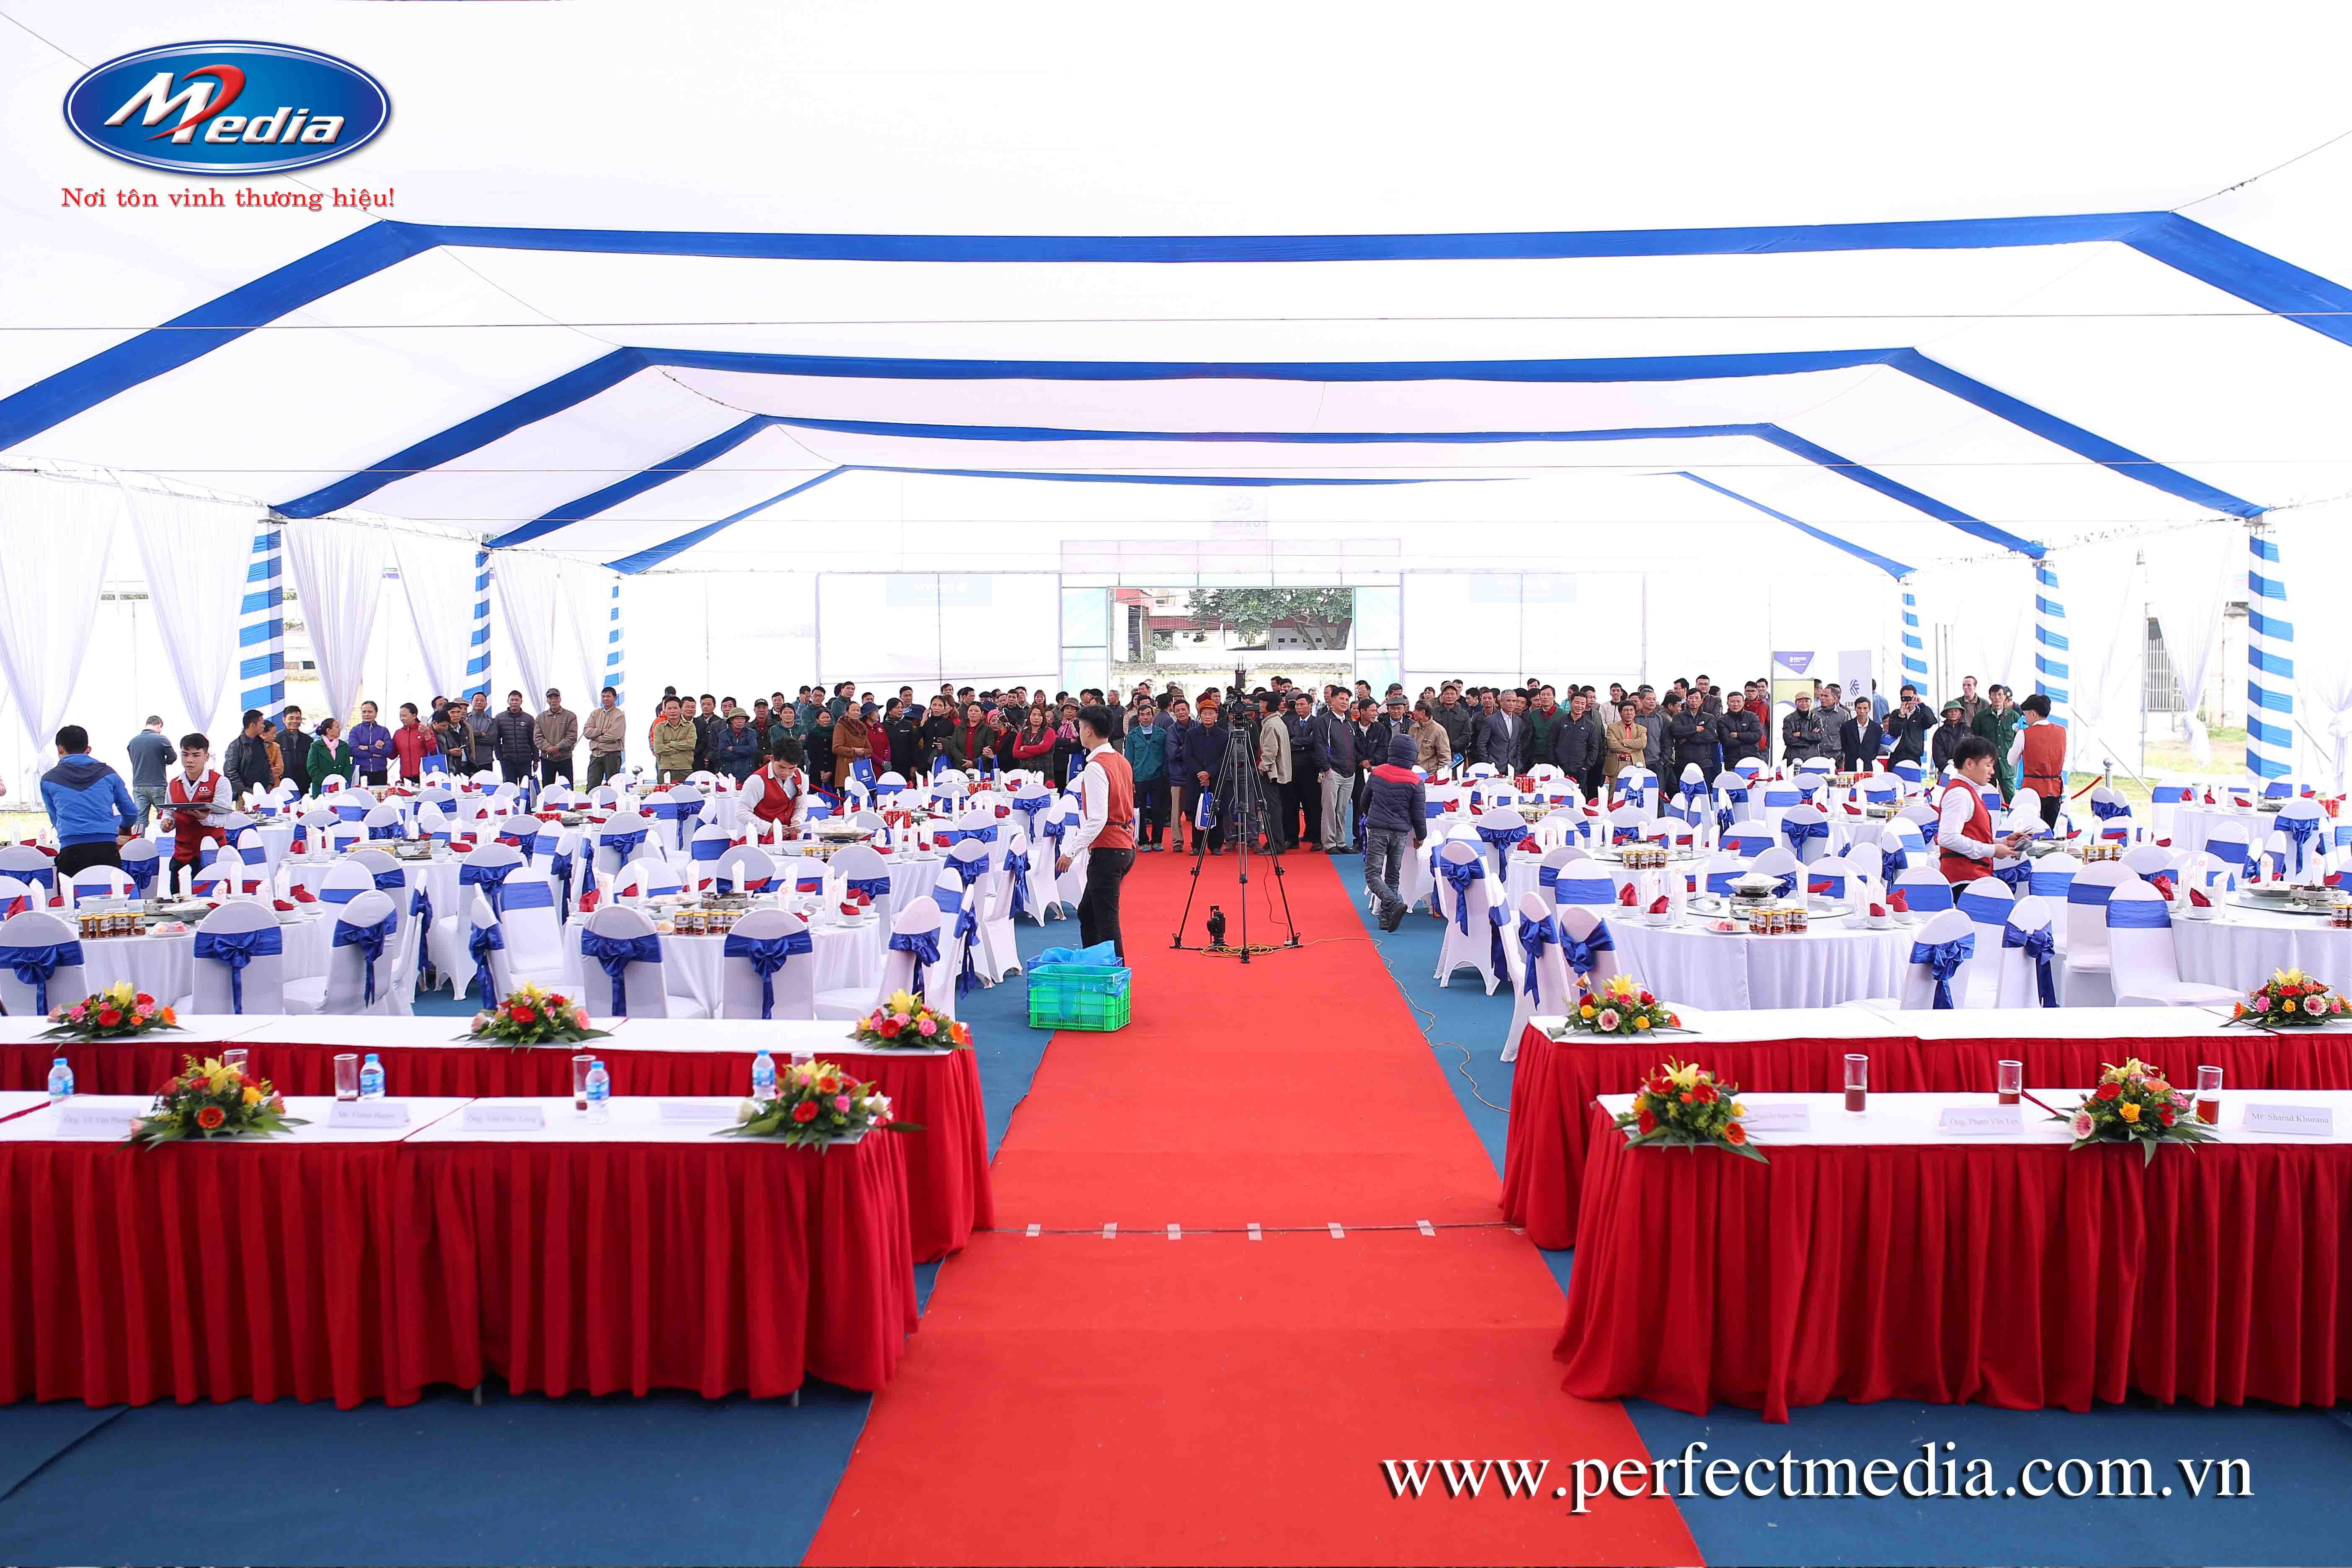 Perfect Media tư vấn, cung cấp địa điểm tổ chức lễ ra mắt, giới thiệu sản phẩm, dịch vụ mới